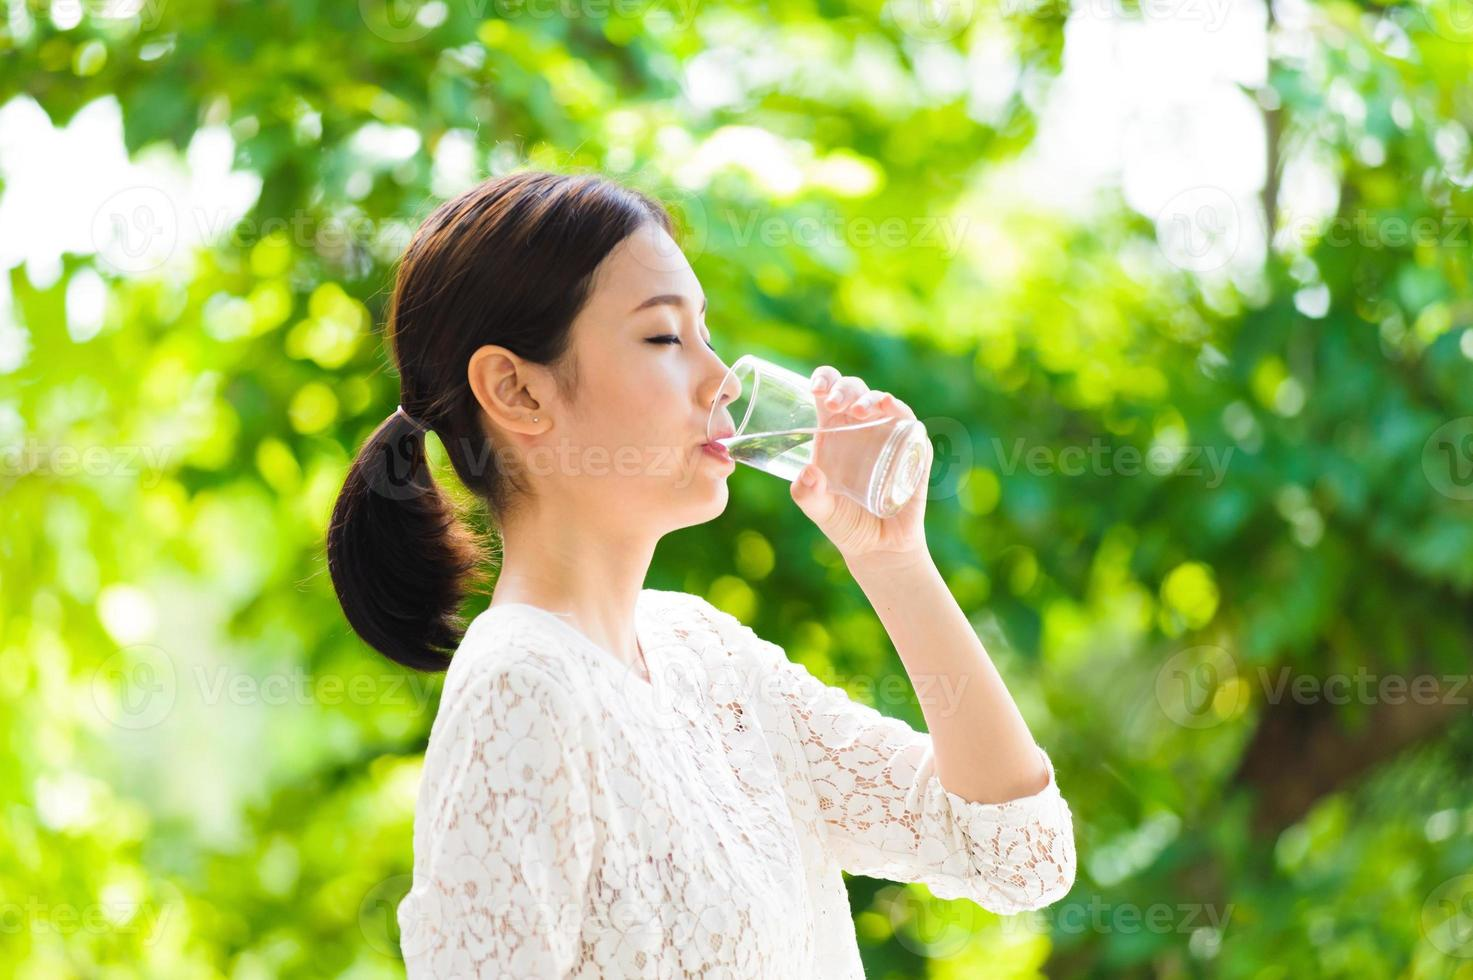 asiatique, jeune fille, boisson, eau photo